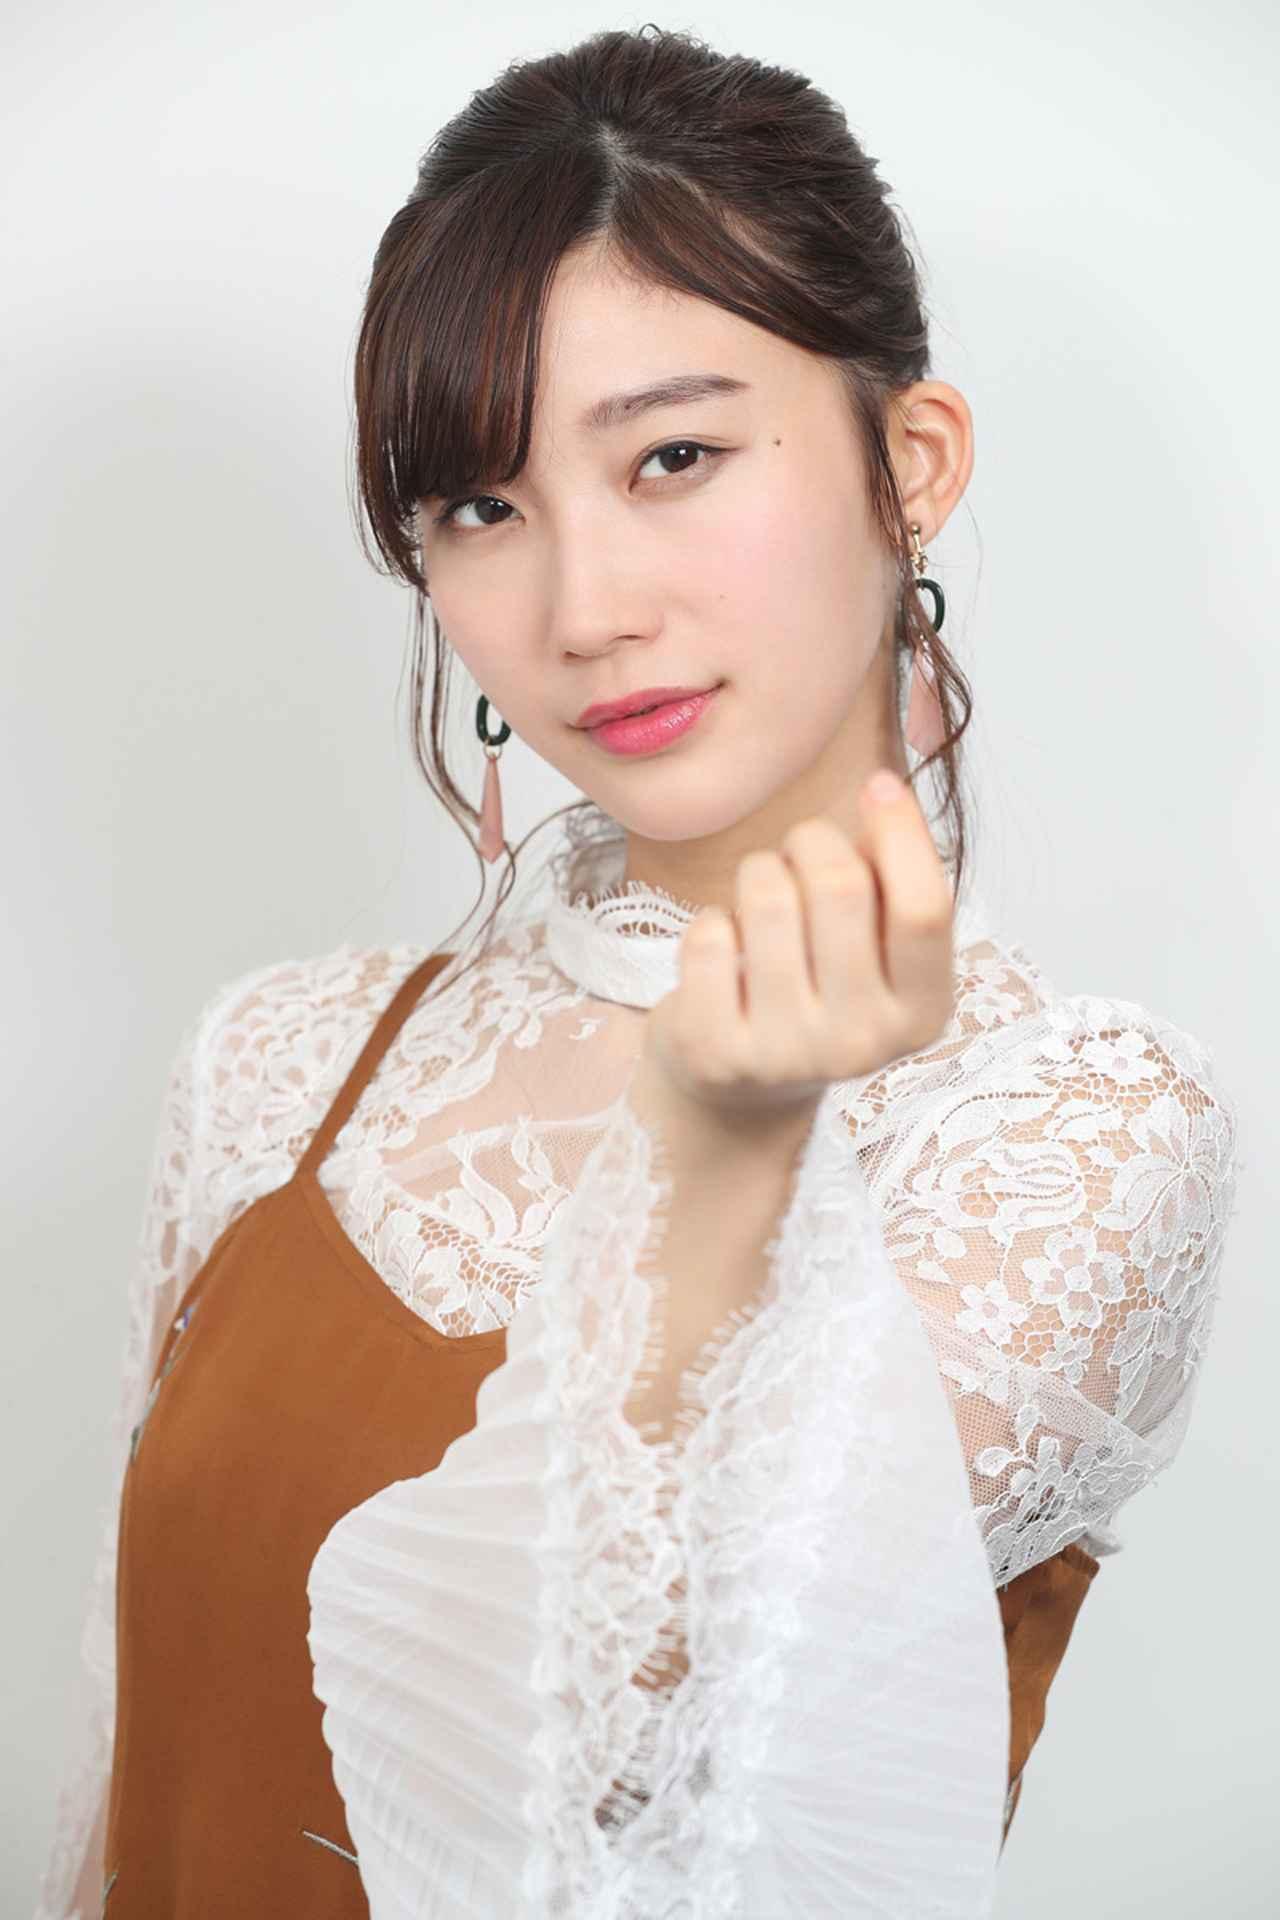 画像7: 小倉優香/初めて挑んだ本格アクションの成果を観てほしい。初主演作『レッド・ブレイド』12/15より公開